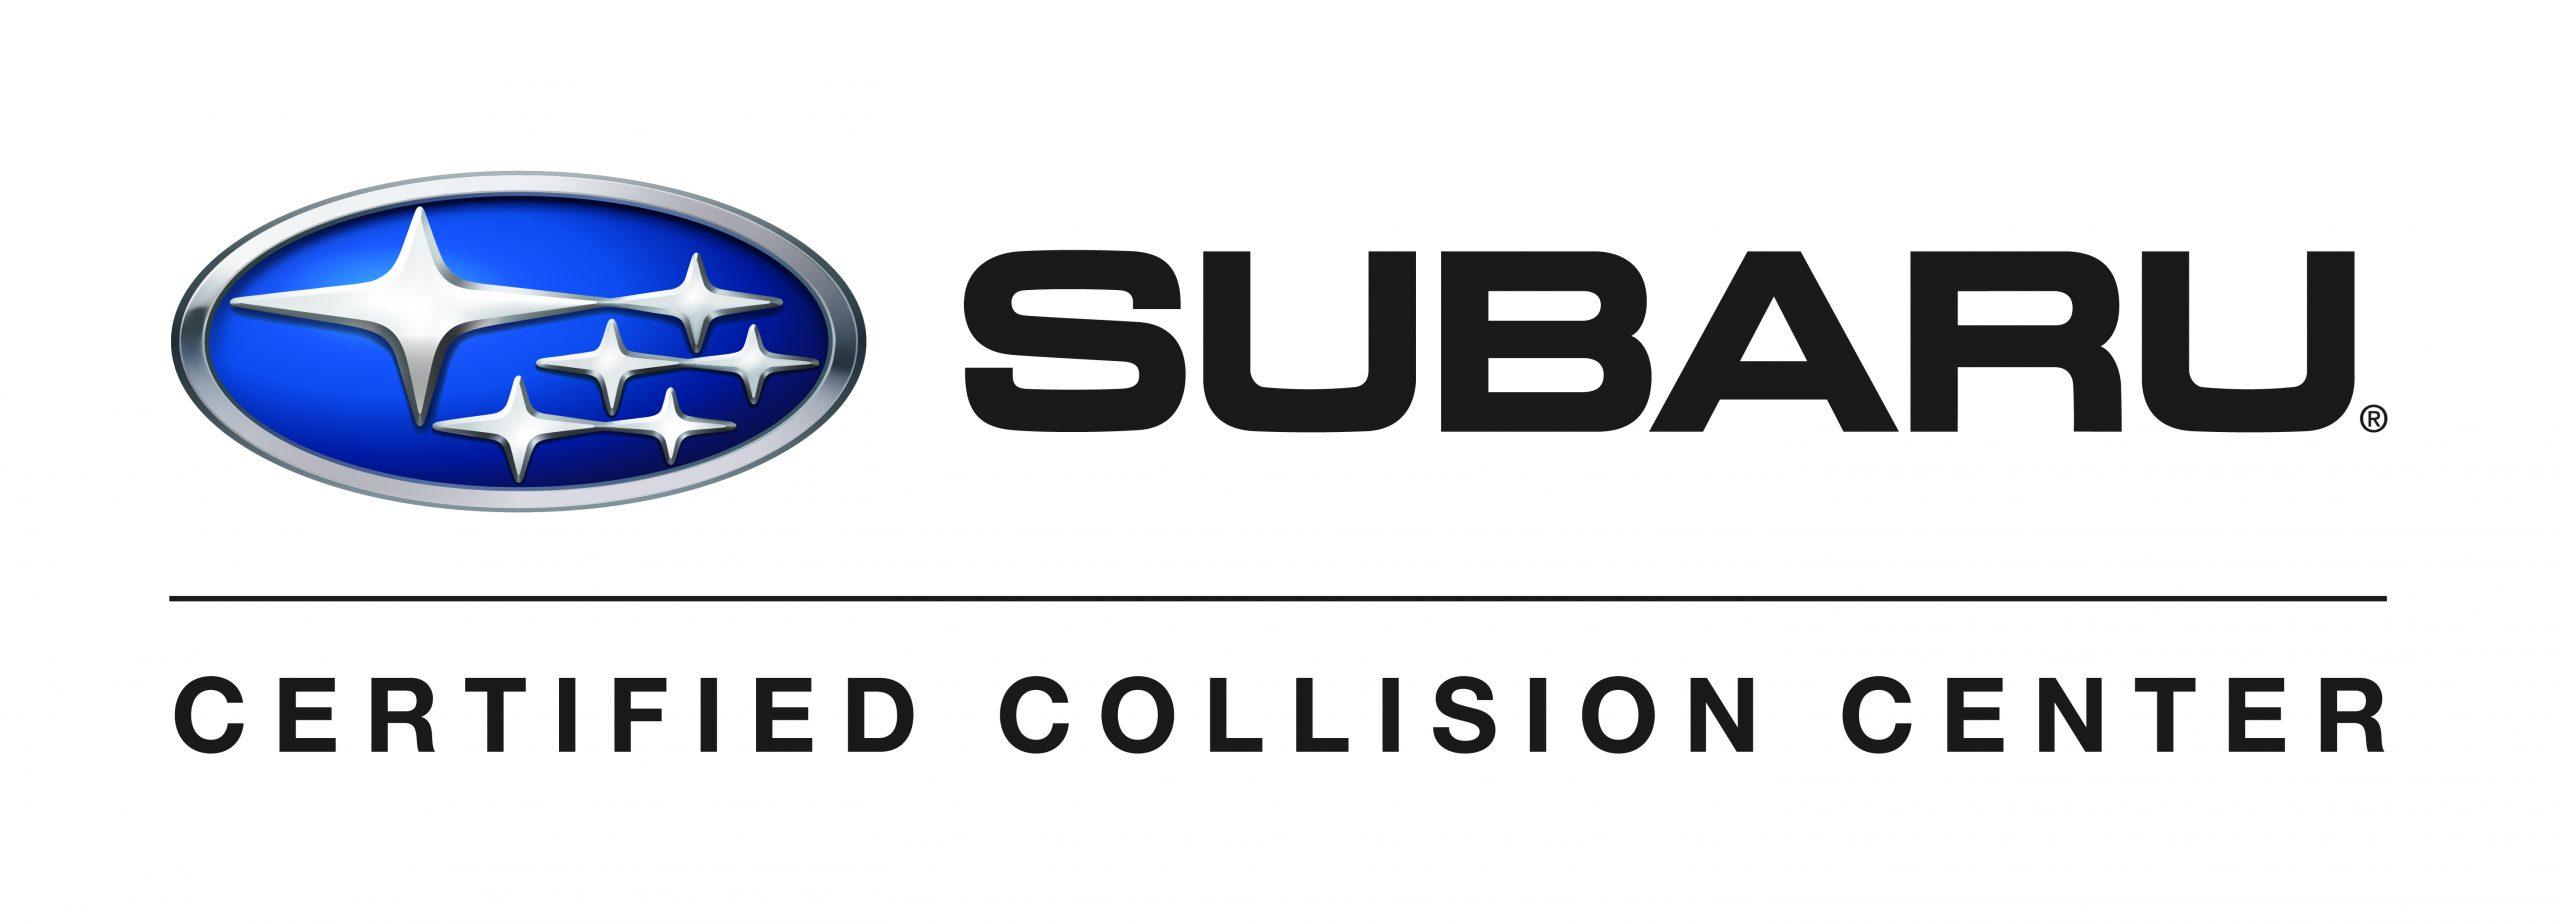 Subaru certified